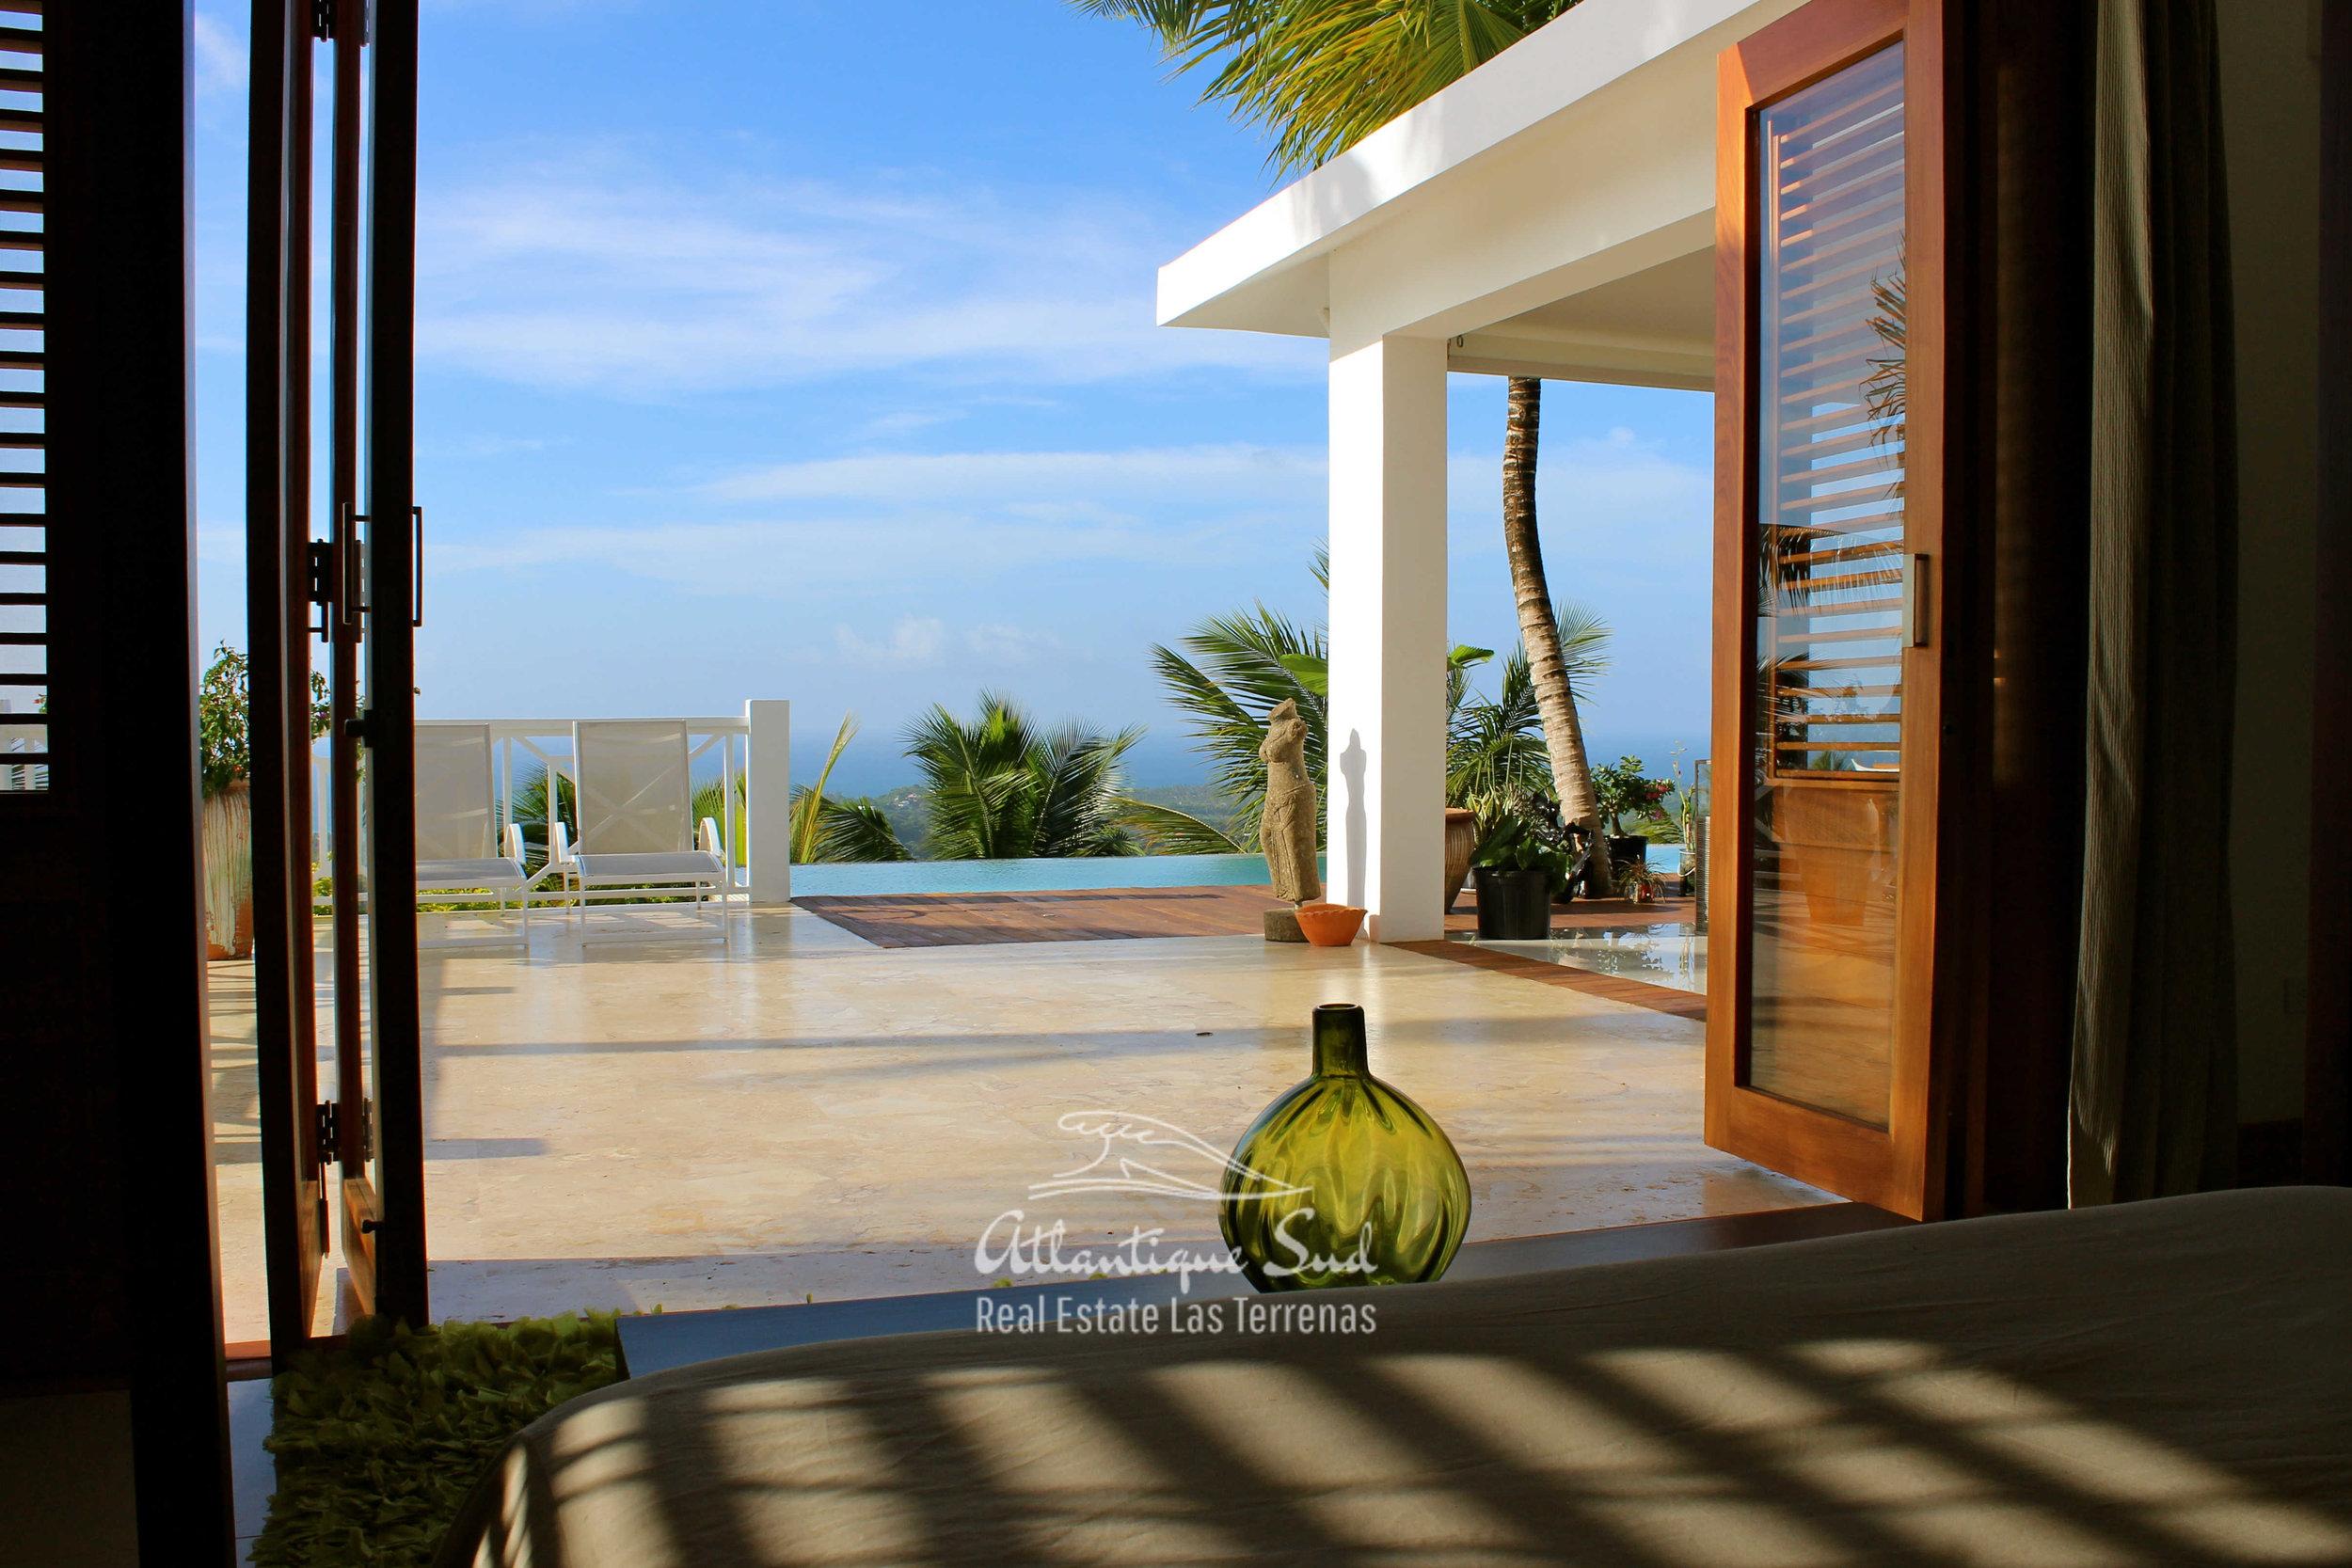 ocean view villa for sale, nidos del palmar, las terrenas5-min.jpg